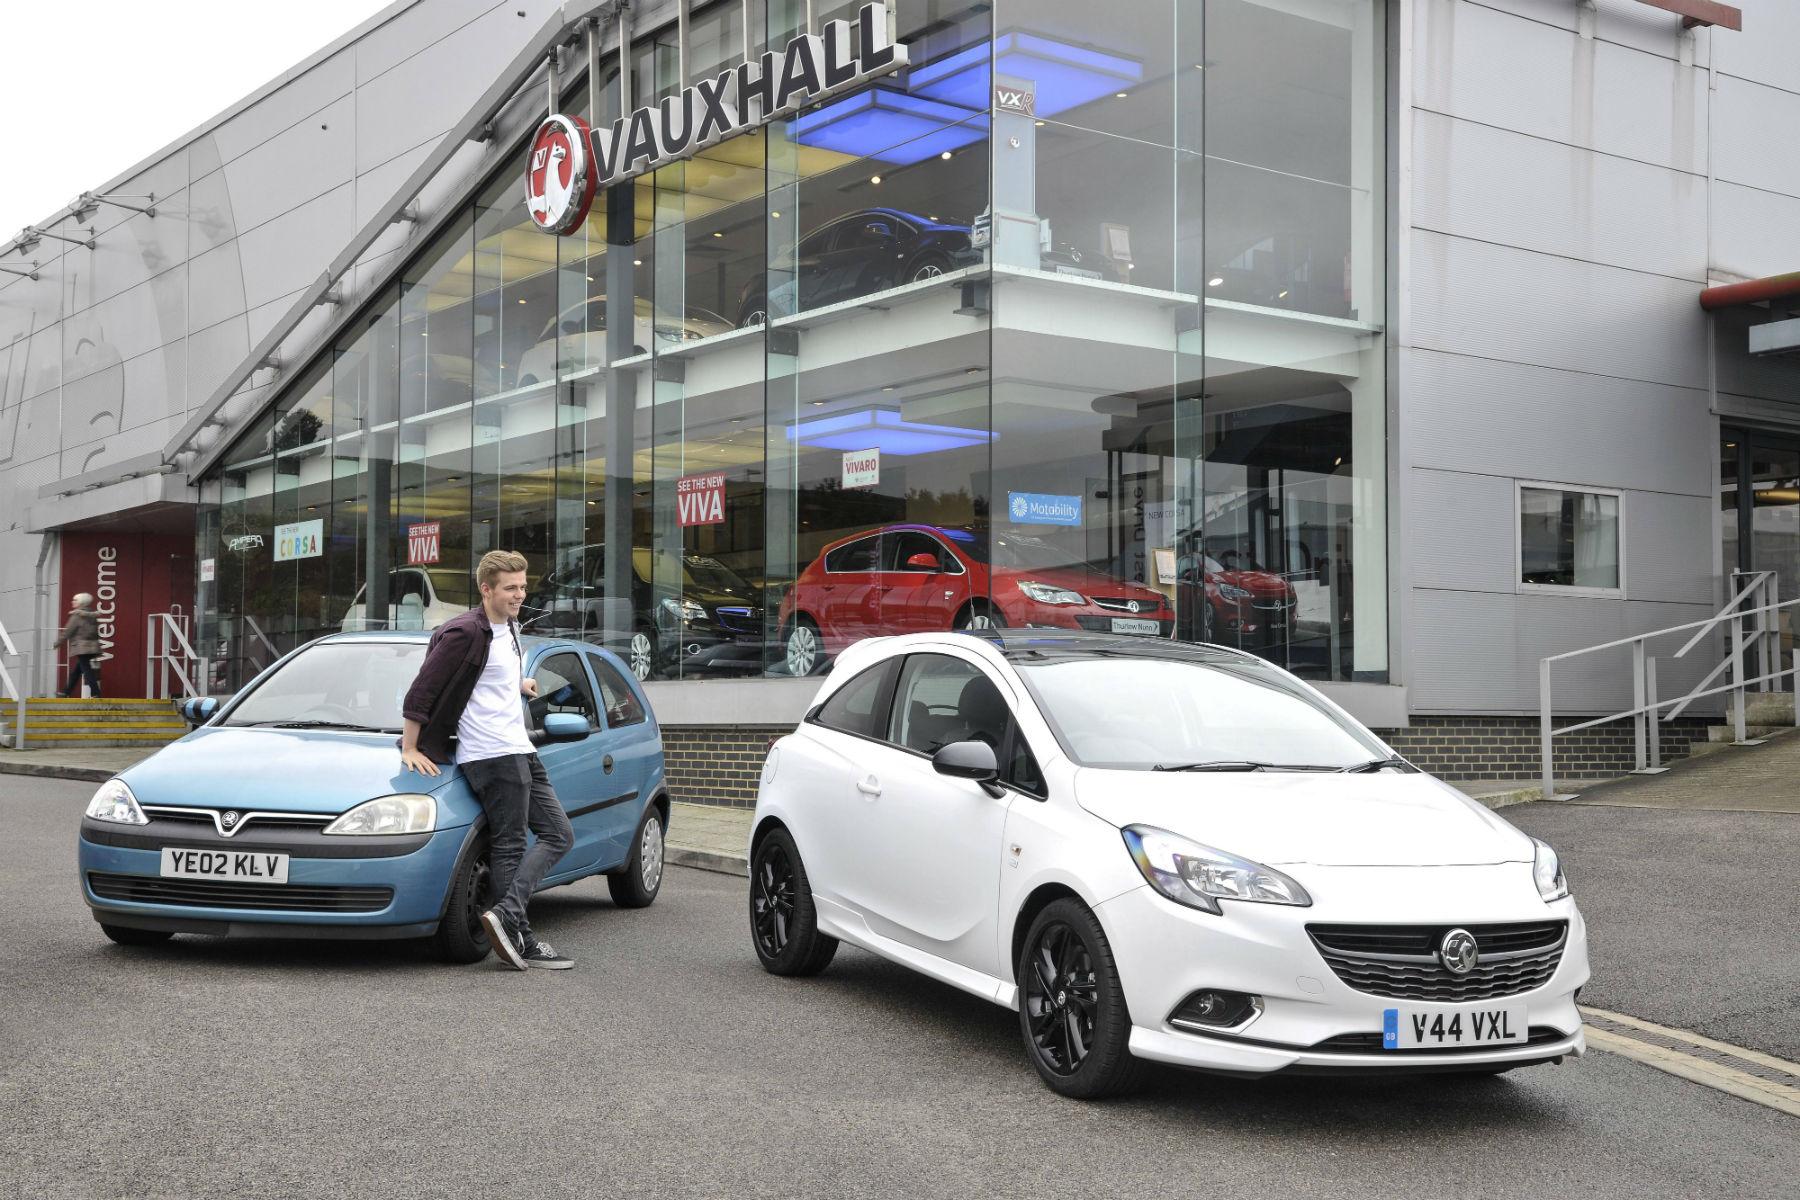 Vauxhall scrappage scheme